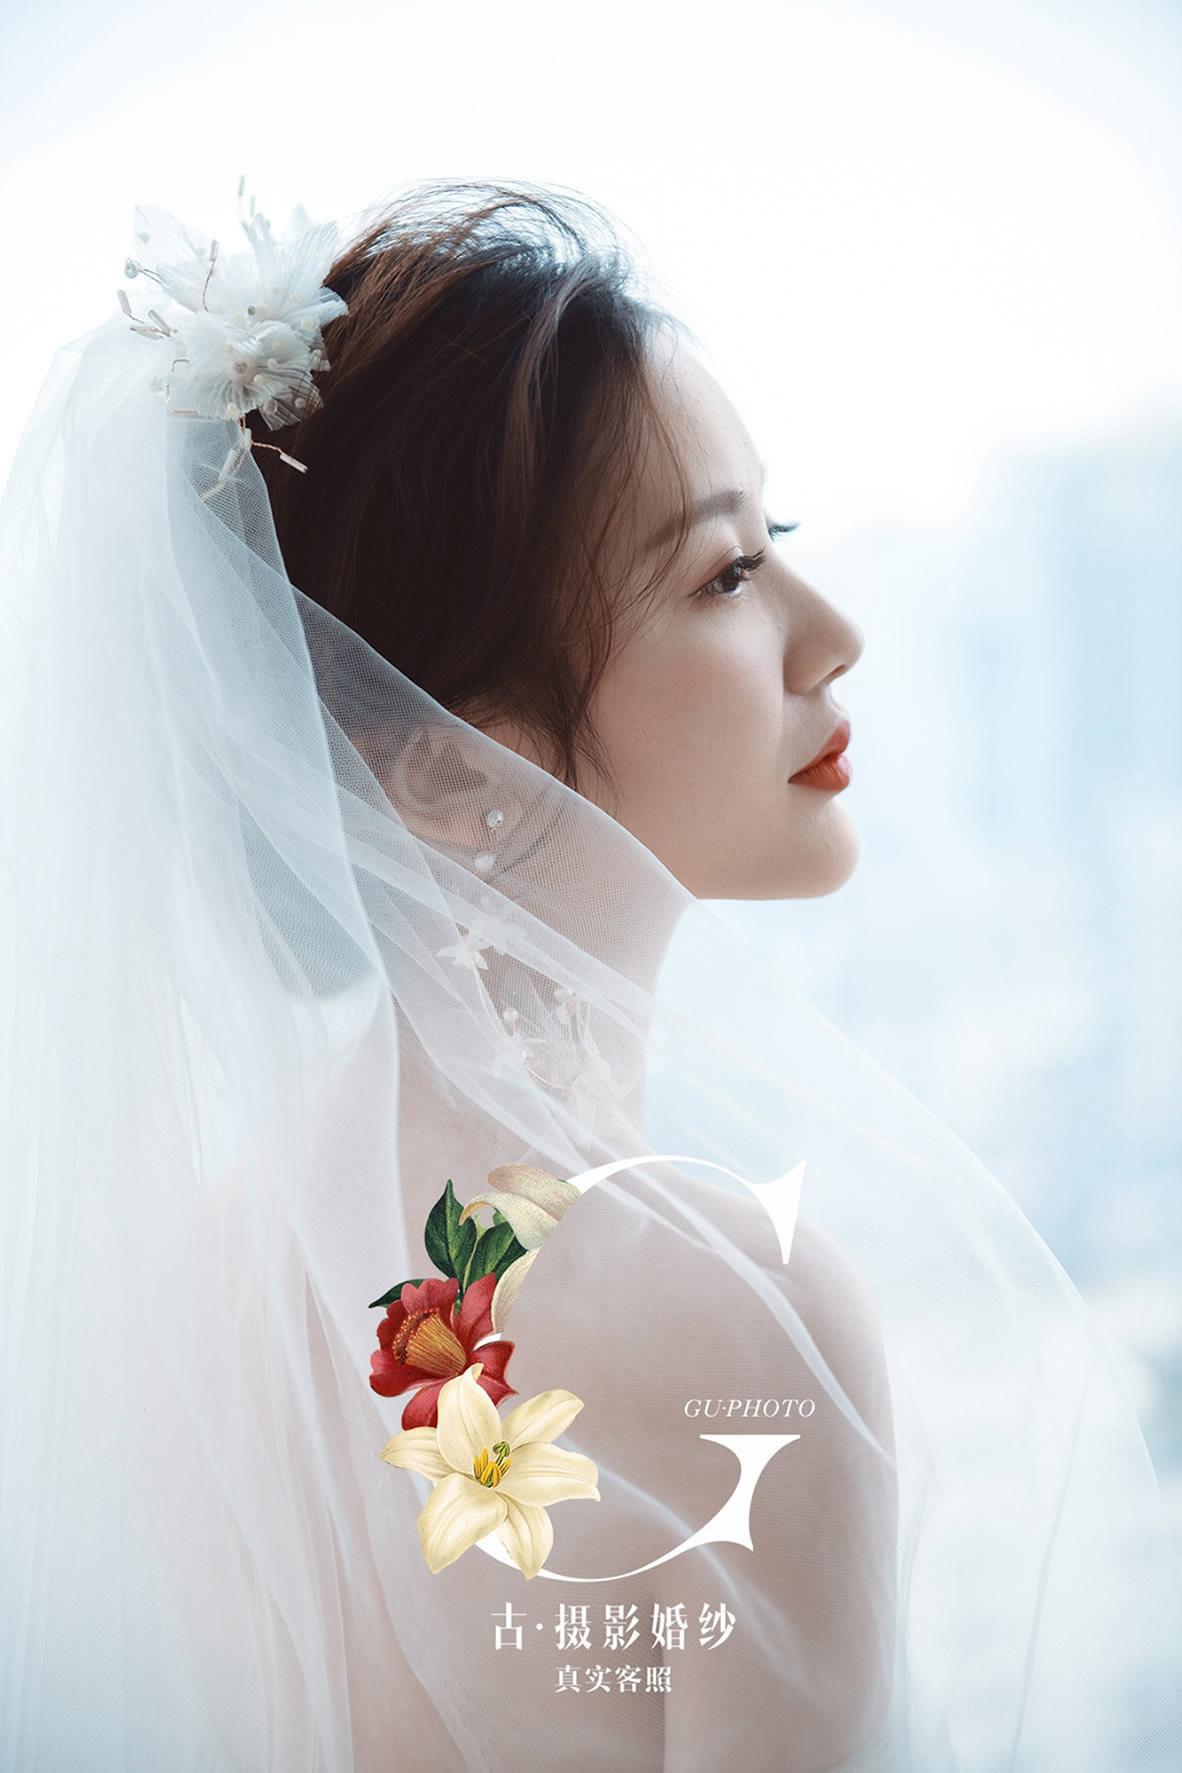 陈先生 刘小姐 - 每日客照 - 古摄影婚纱艺术-古摄影成都婚纱摄影艺术摄影网